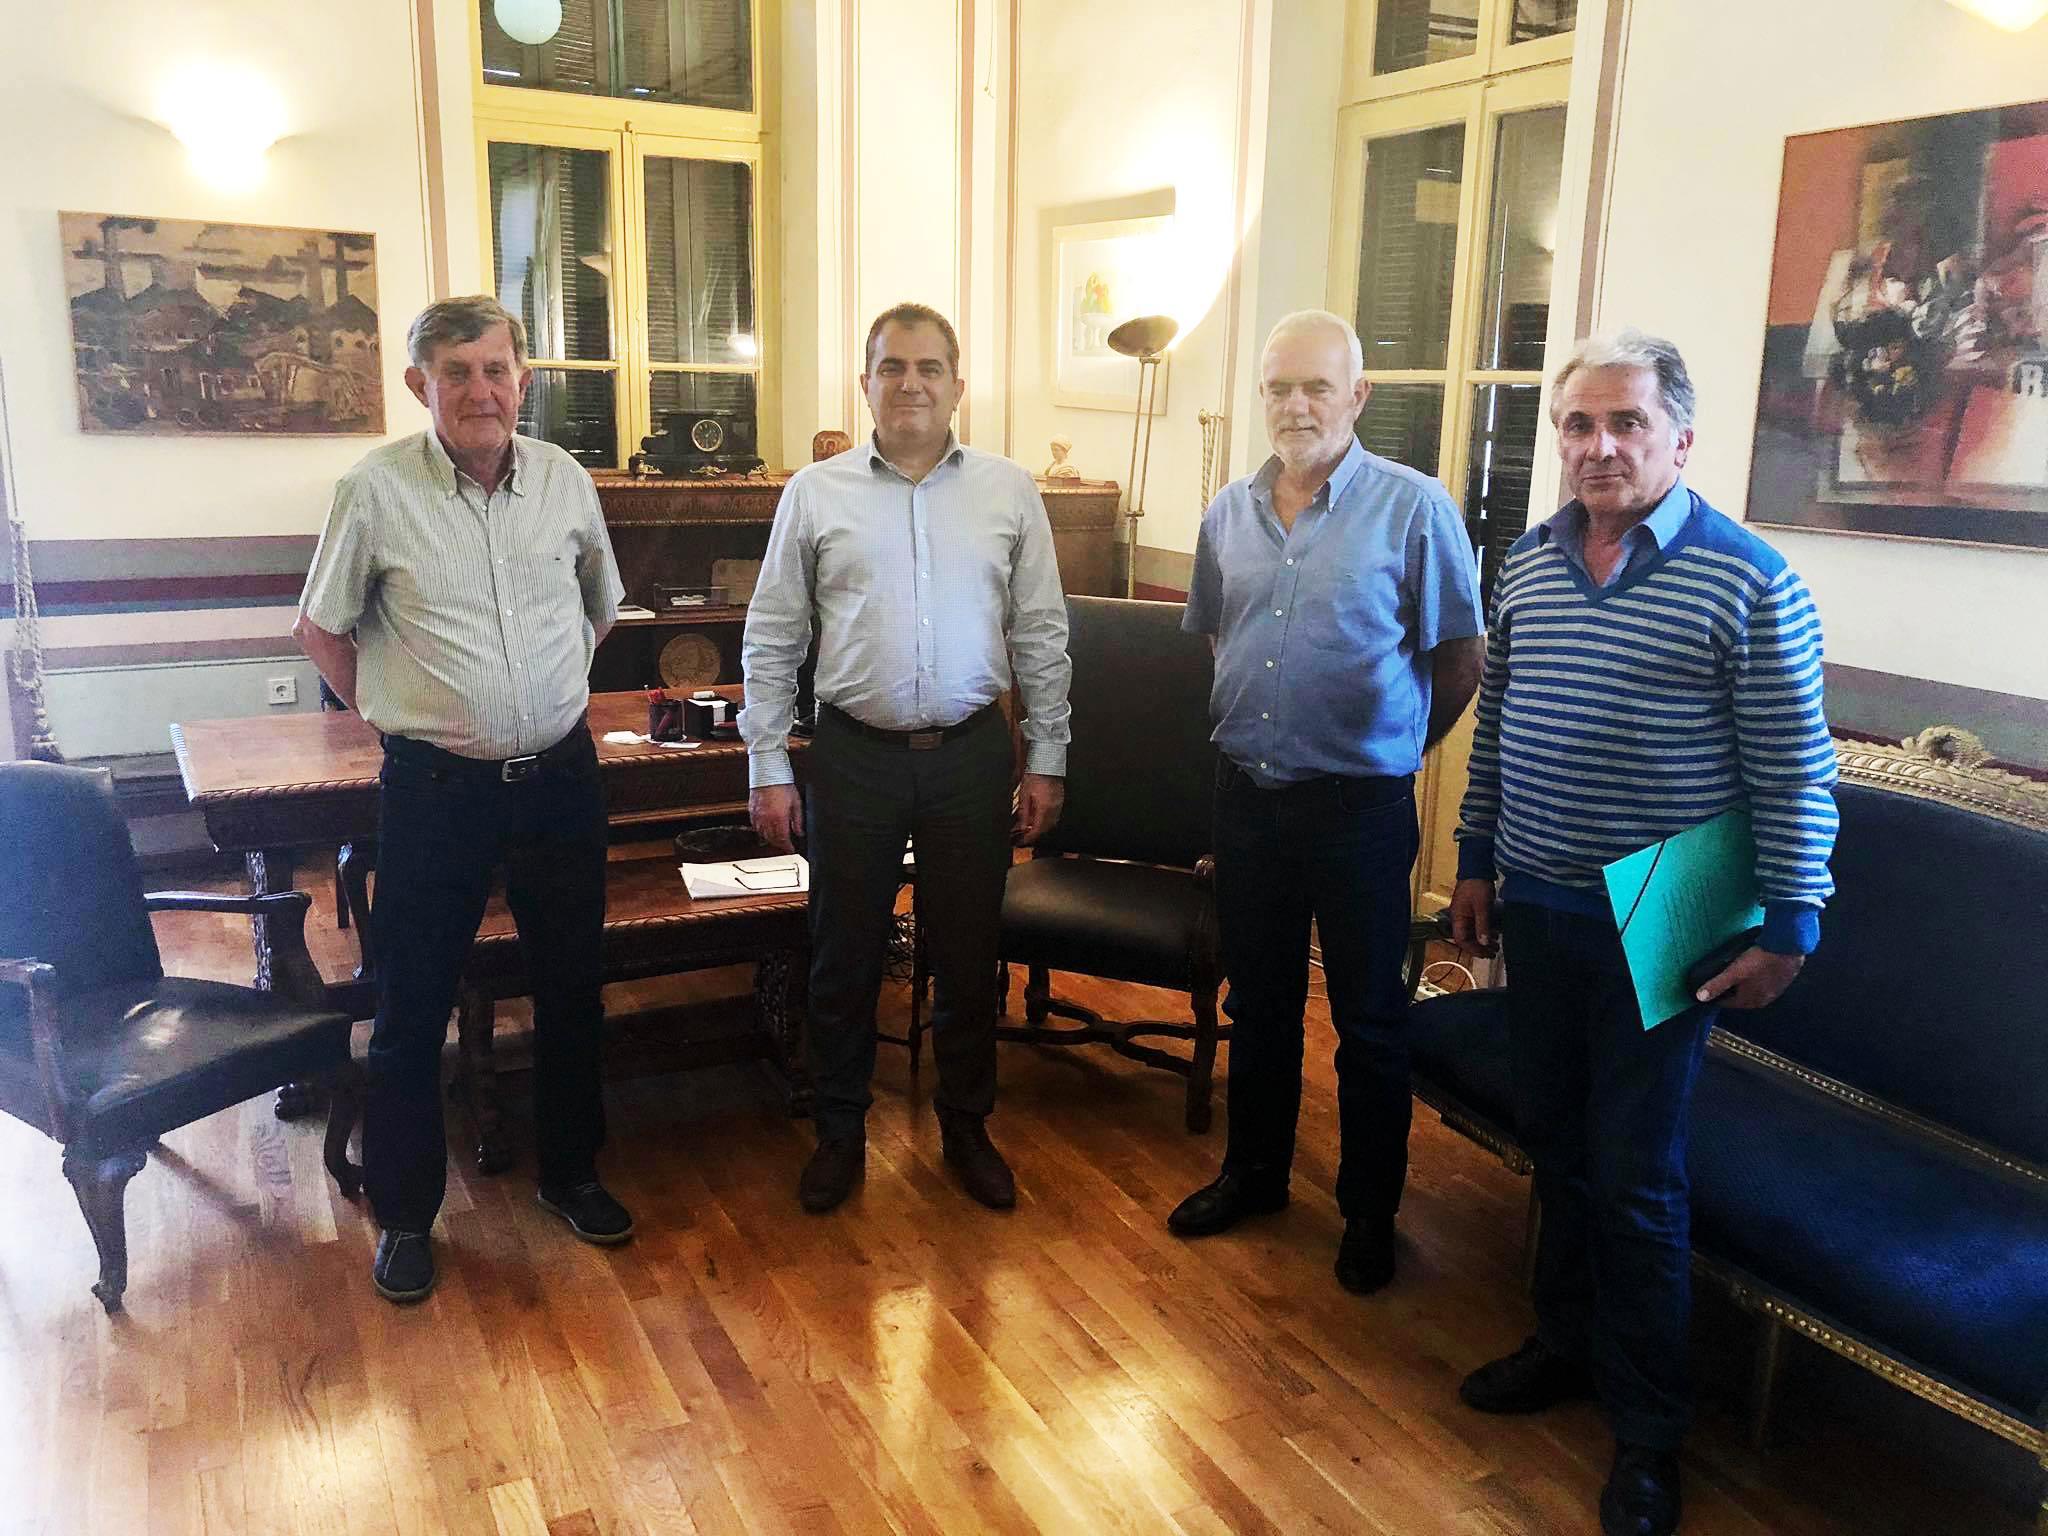 Συνεργασία Δήμου Καλαμάτας – ΣΕΓΑΣ για Παπαφλέσσεια και προπονητικό κέντρο